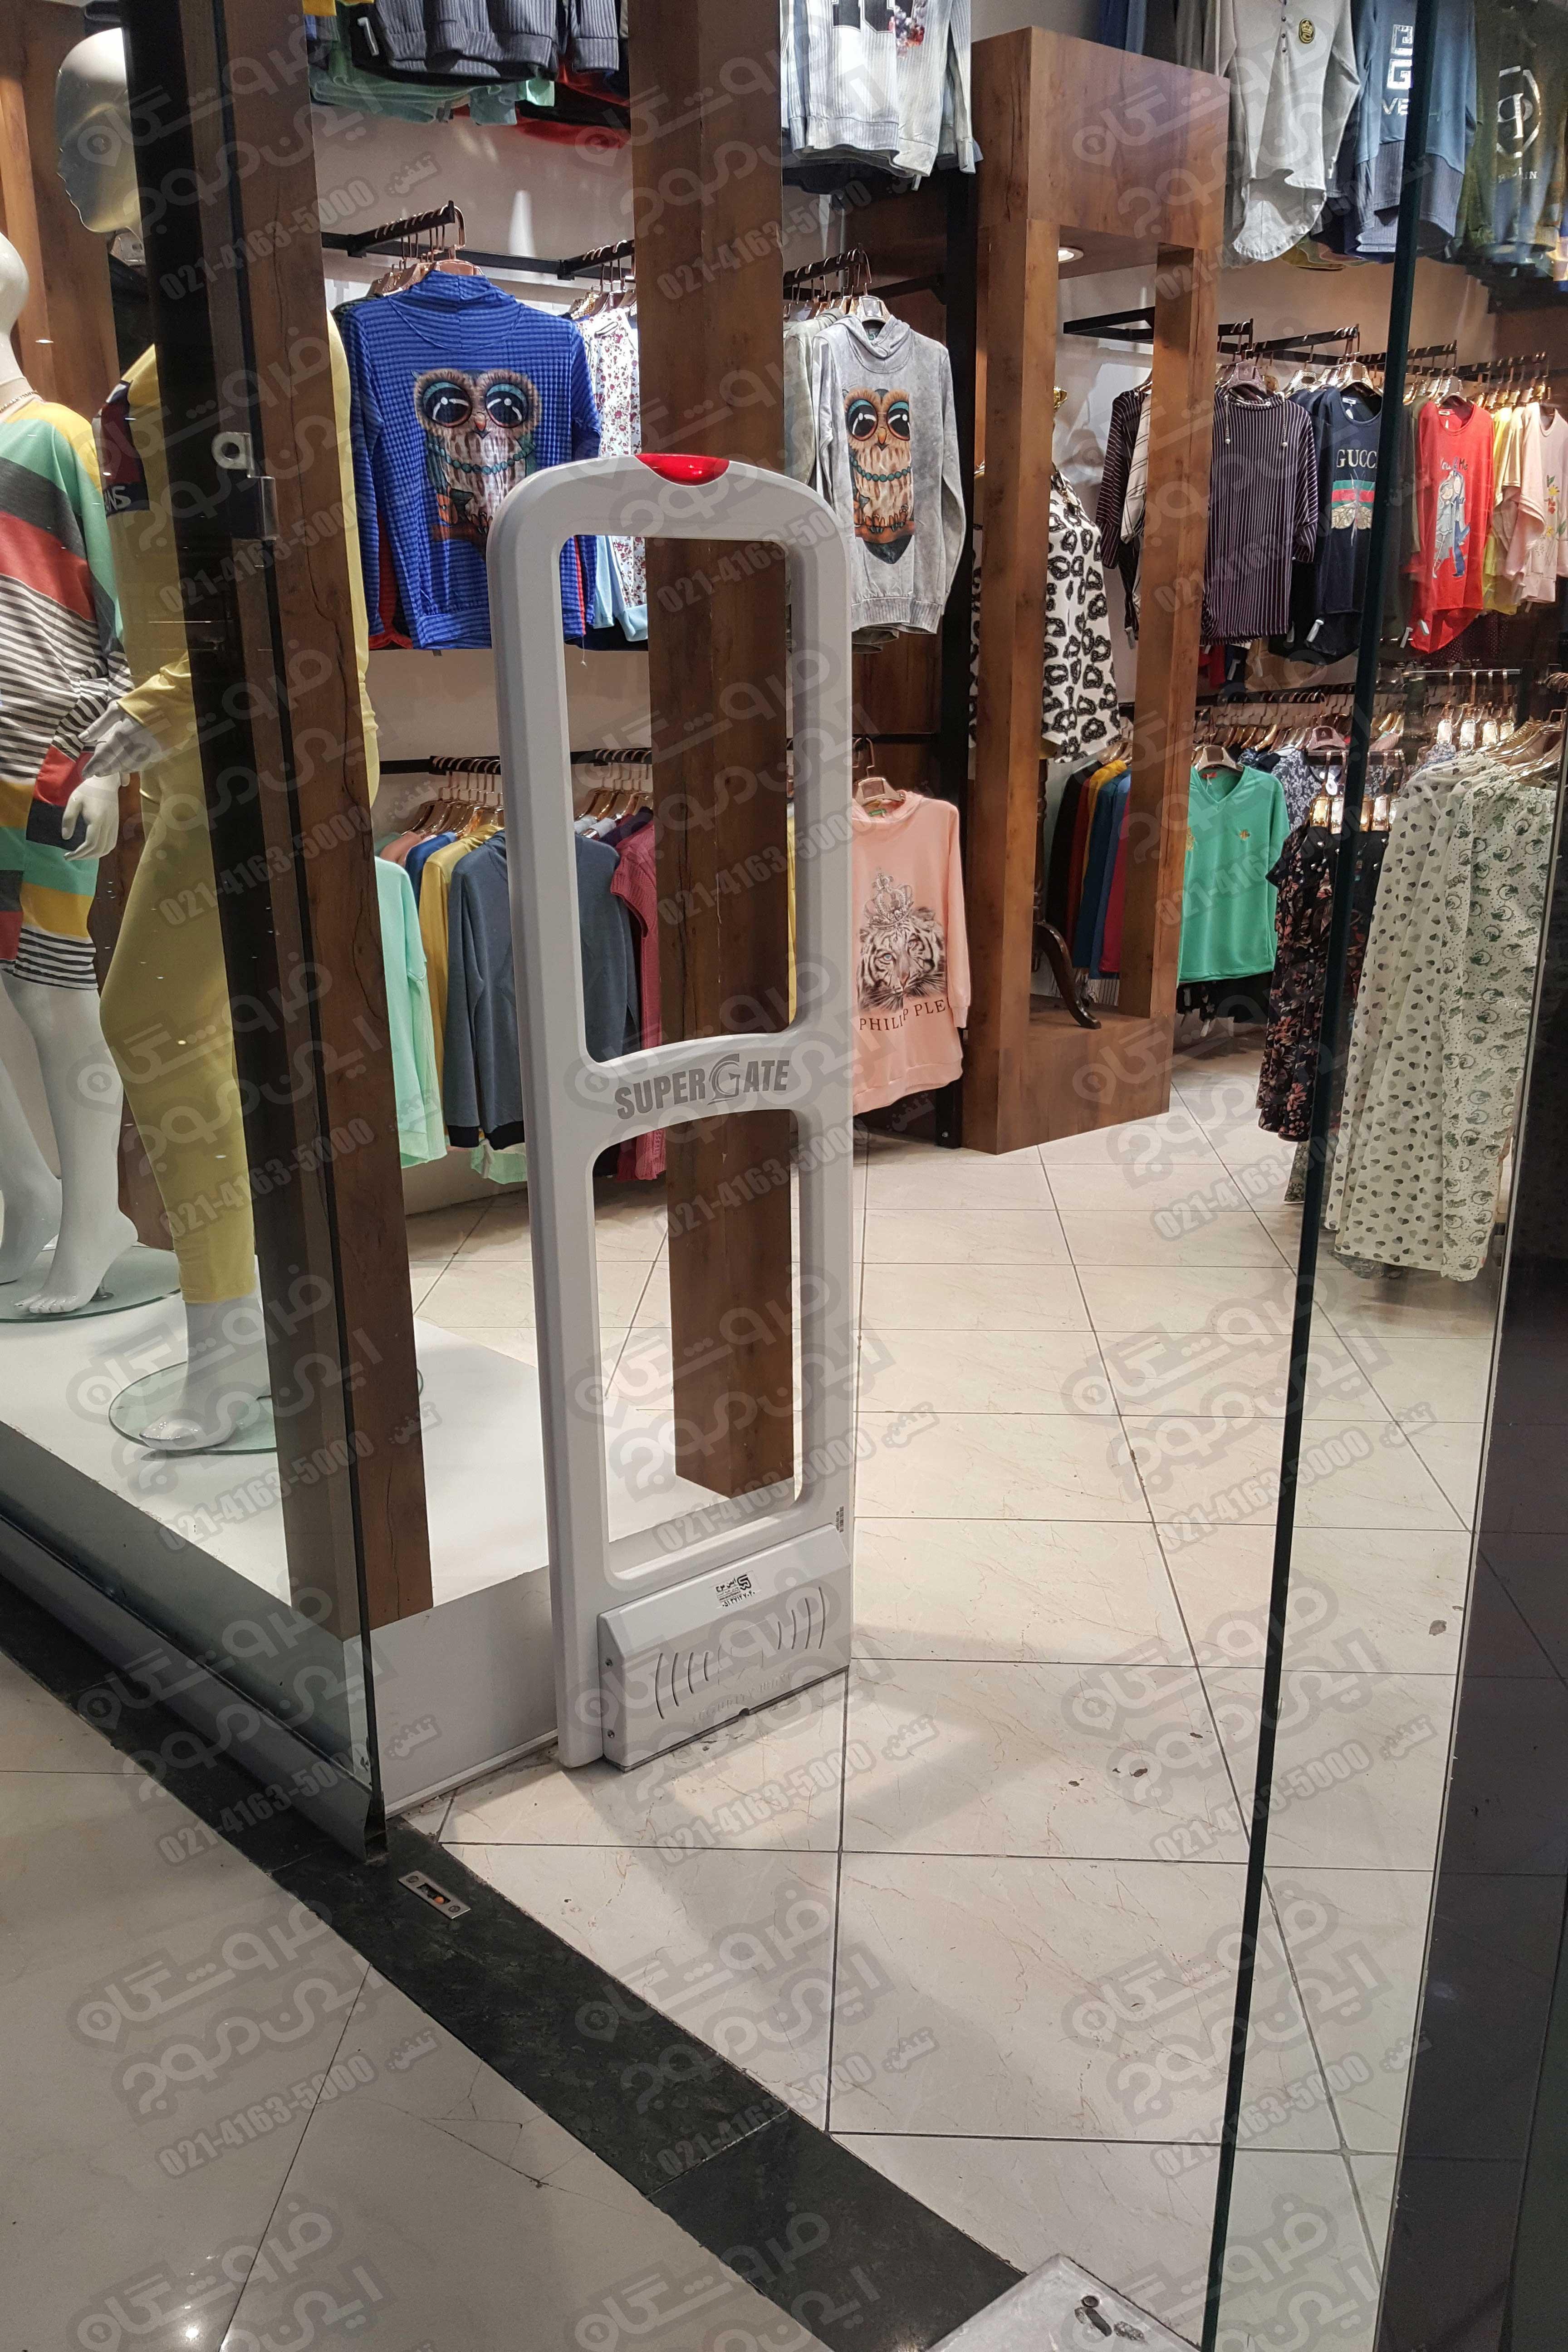 گیت-فروشگاهی-سوپر-گیت-نصب-شده-در-فروشگاه-لباس